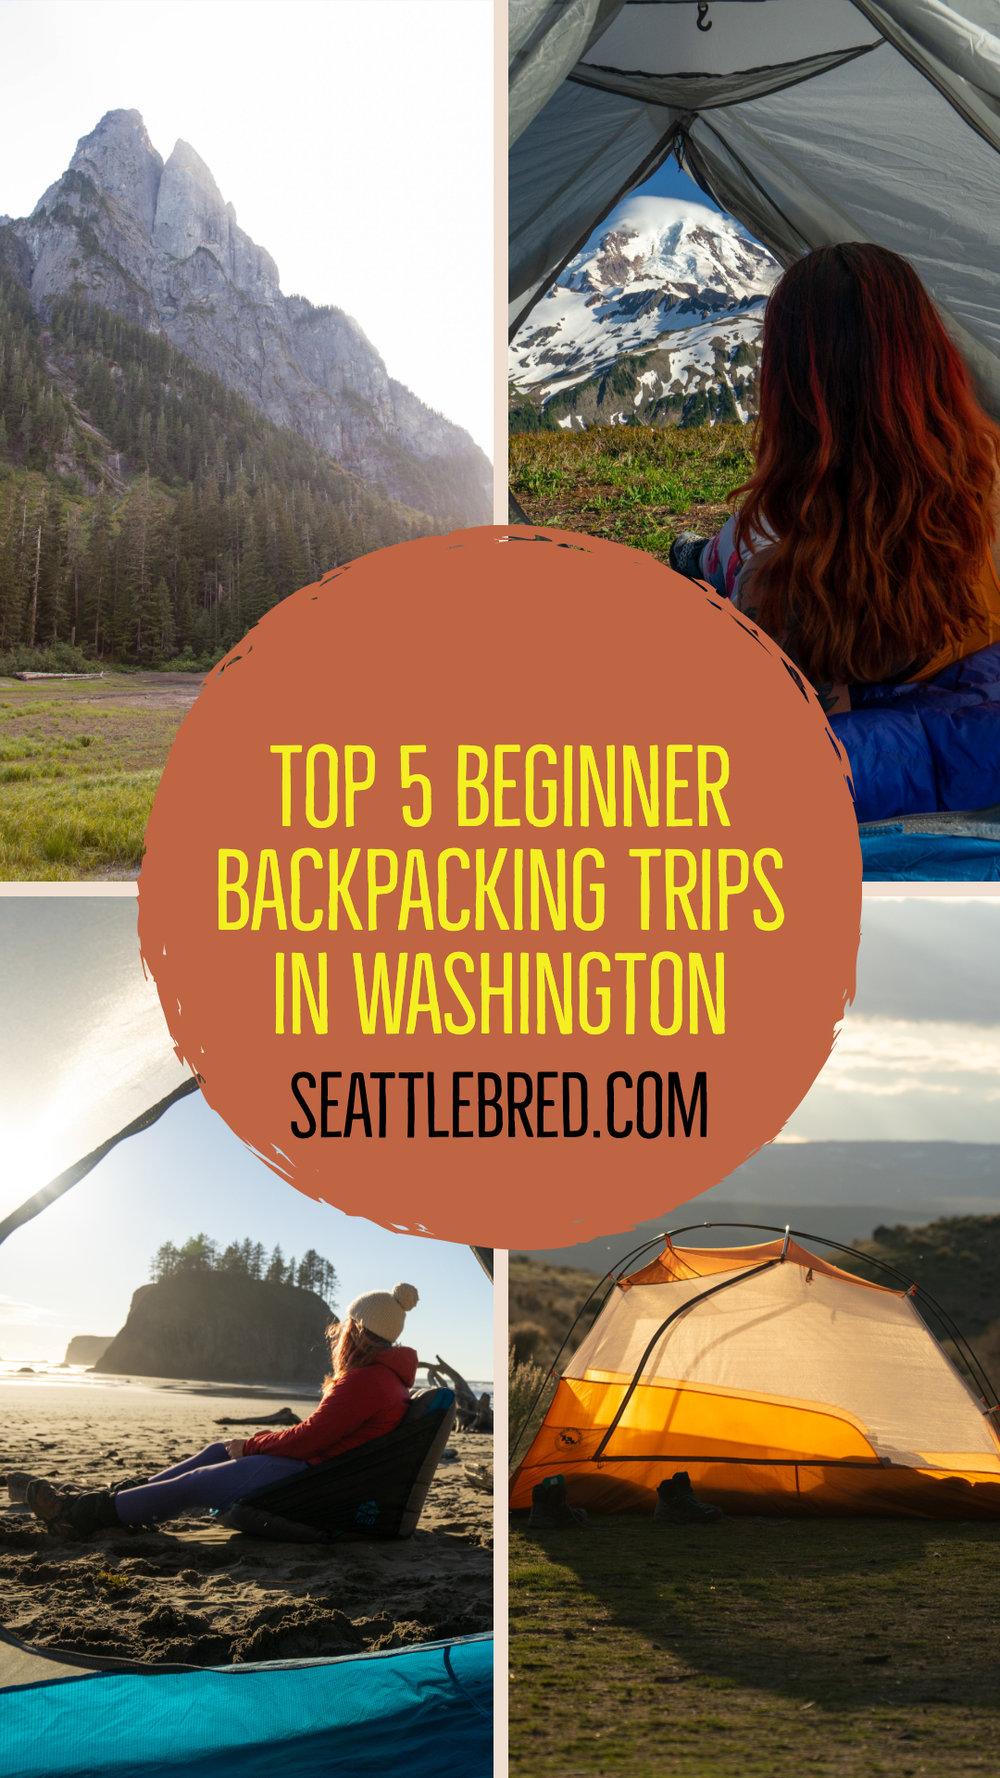 Best-Beginner-Backpacking-Trips (1).jpg